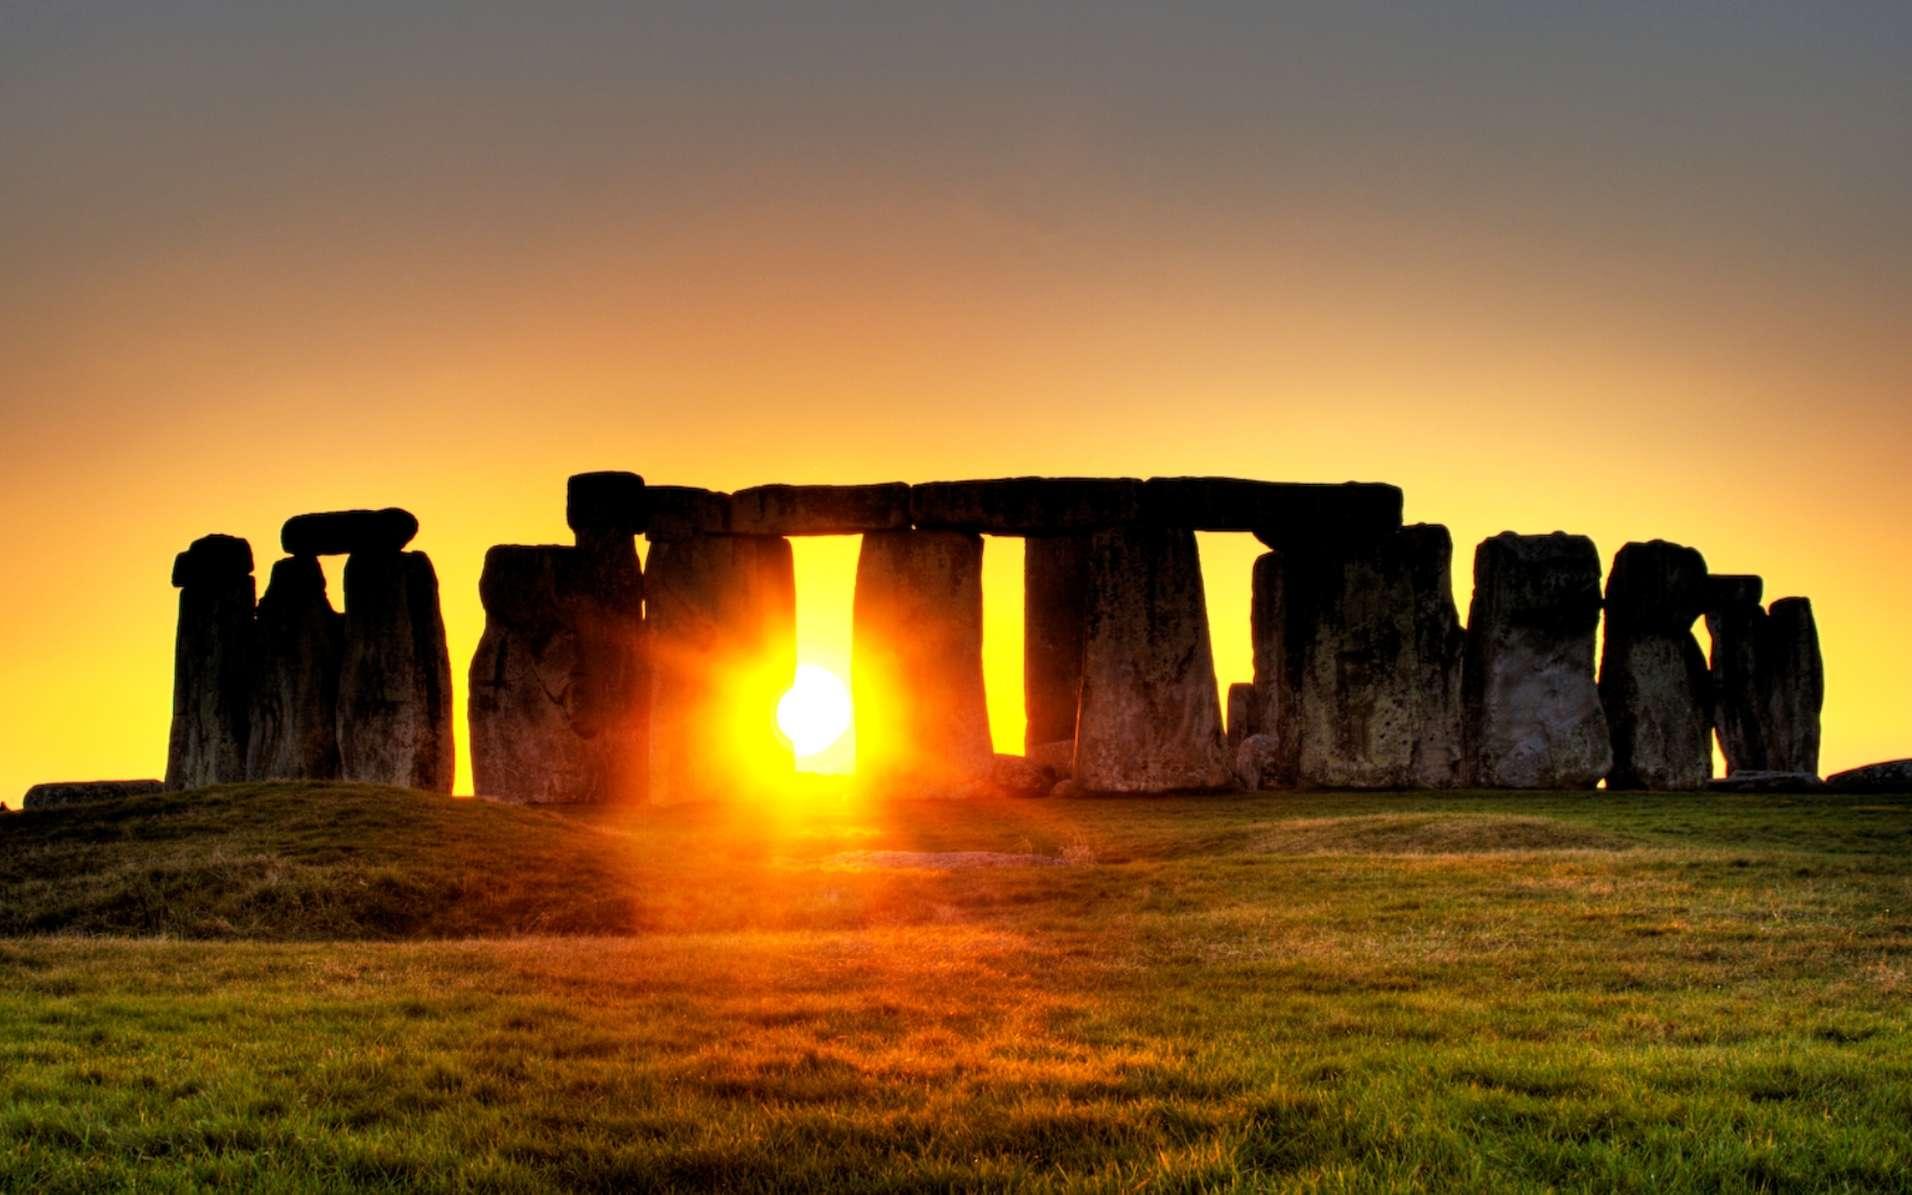 Le site de Stonehenge a fait l'objet de multiples travaux pour relier la position des pierres à des évènements astronomiques. Il conserve encore bien des mystères. © Simon Wakefield, Flickr, Wikipédia, cc by sa 2.0